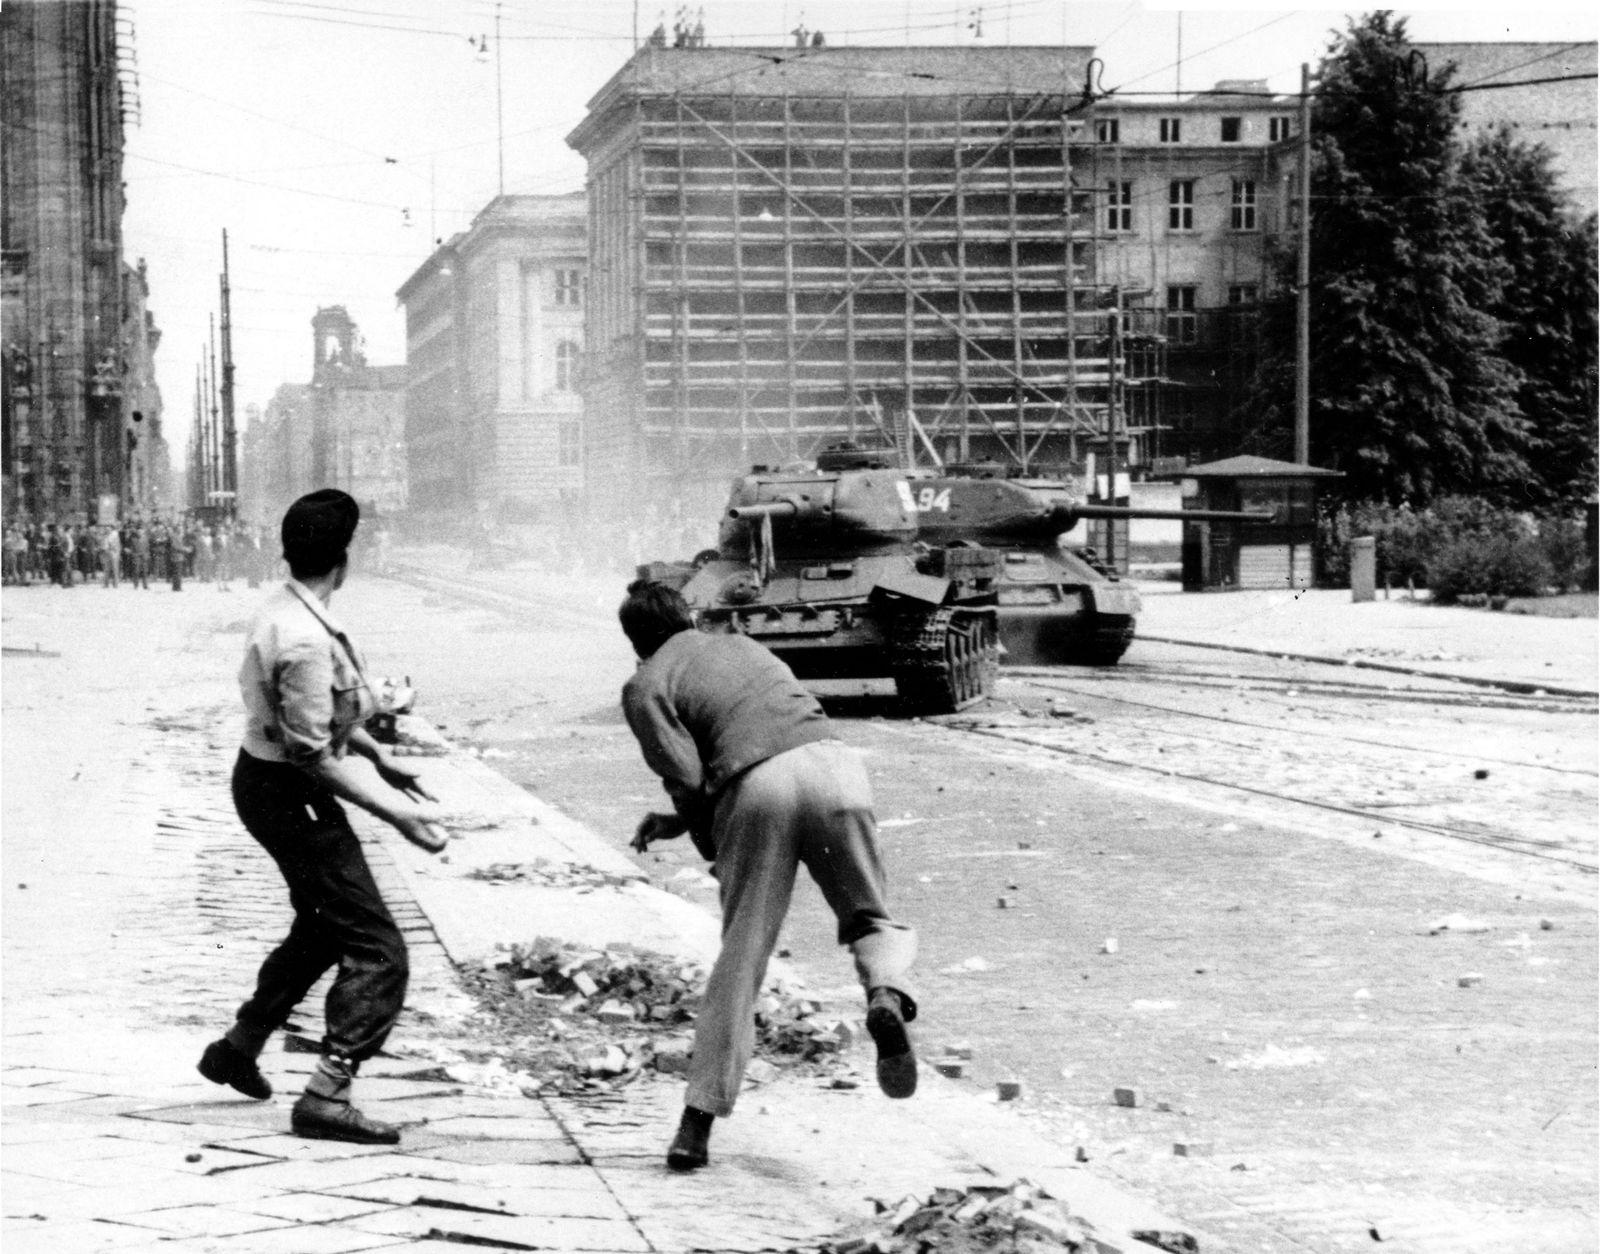 NUR FÜR EINESTAGES - Arbeiteraufstand 1953